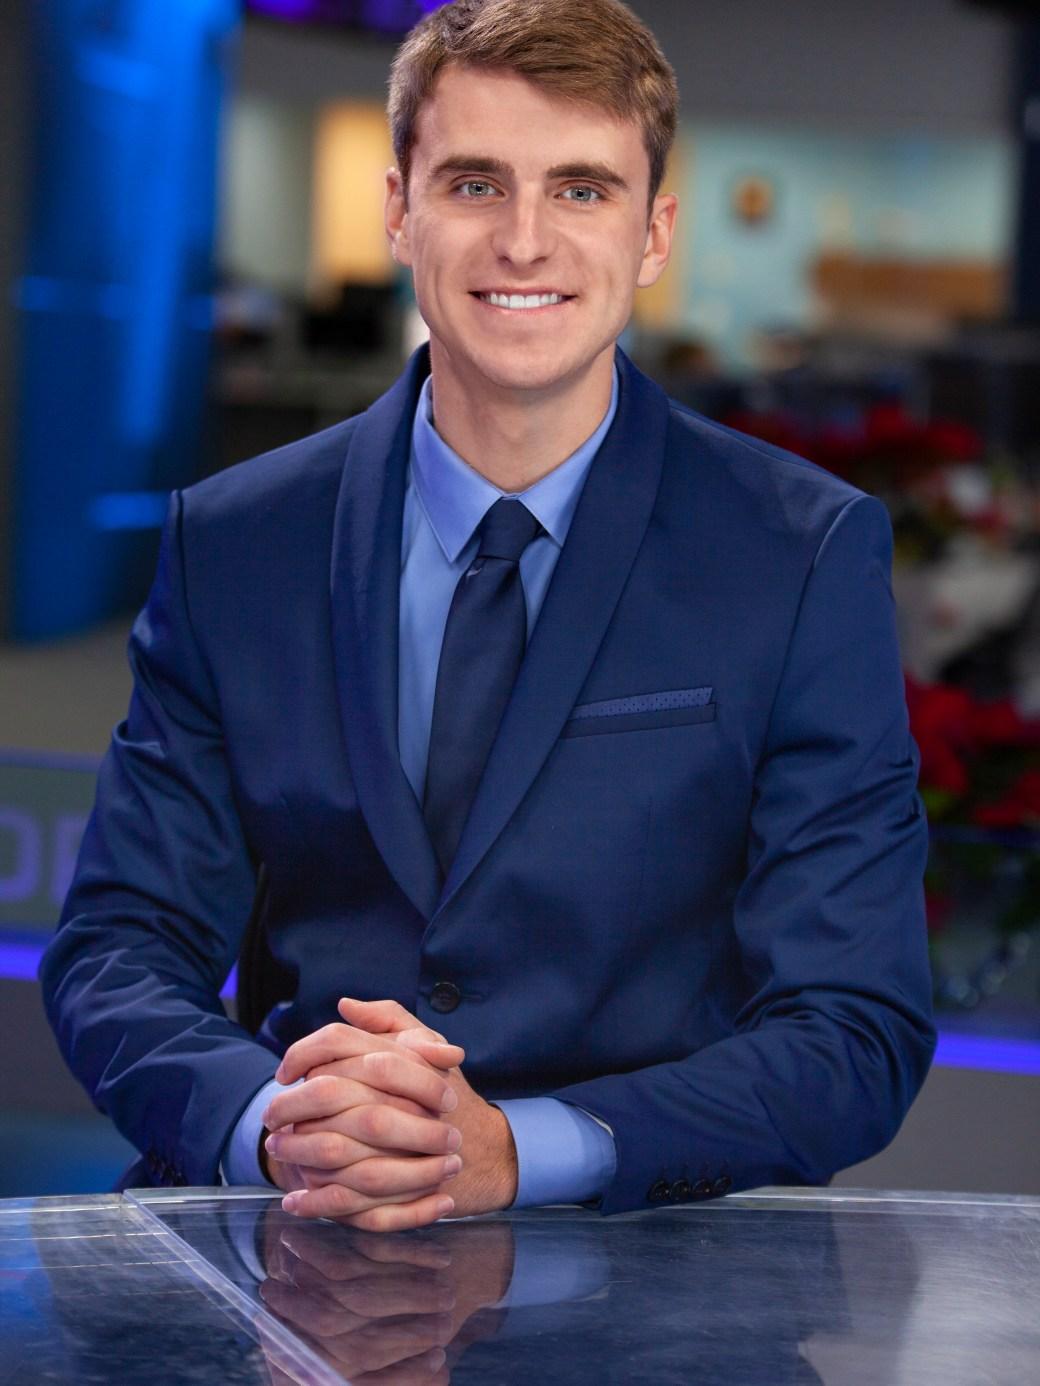 Image of Aaron Breasette